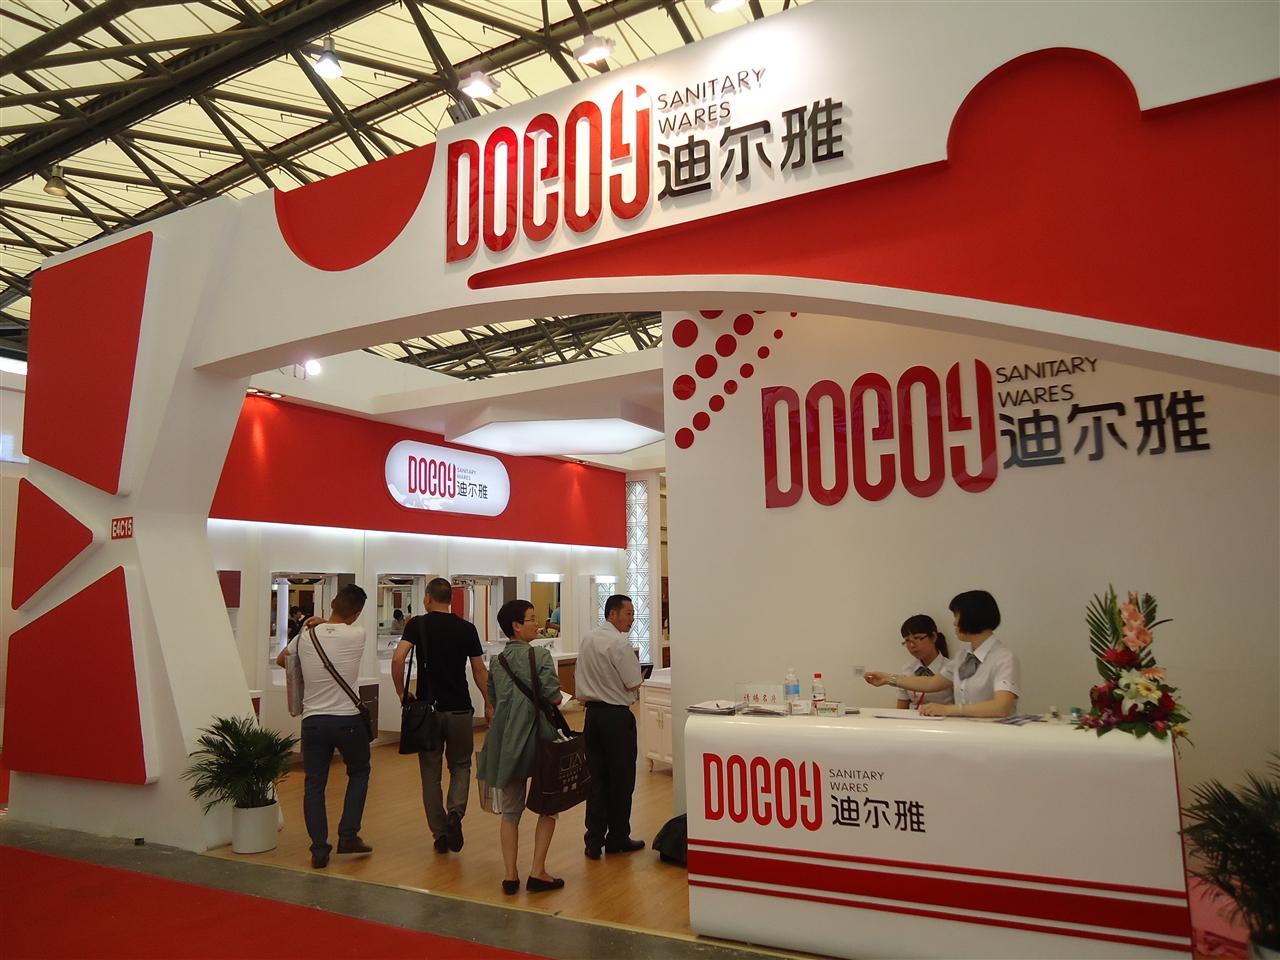 热烈祝贺迪尔雅卫厨有限公司于2014年5月28-31日参加在上海举行的第十九届中国国际厨房、卫浴设施展览会